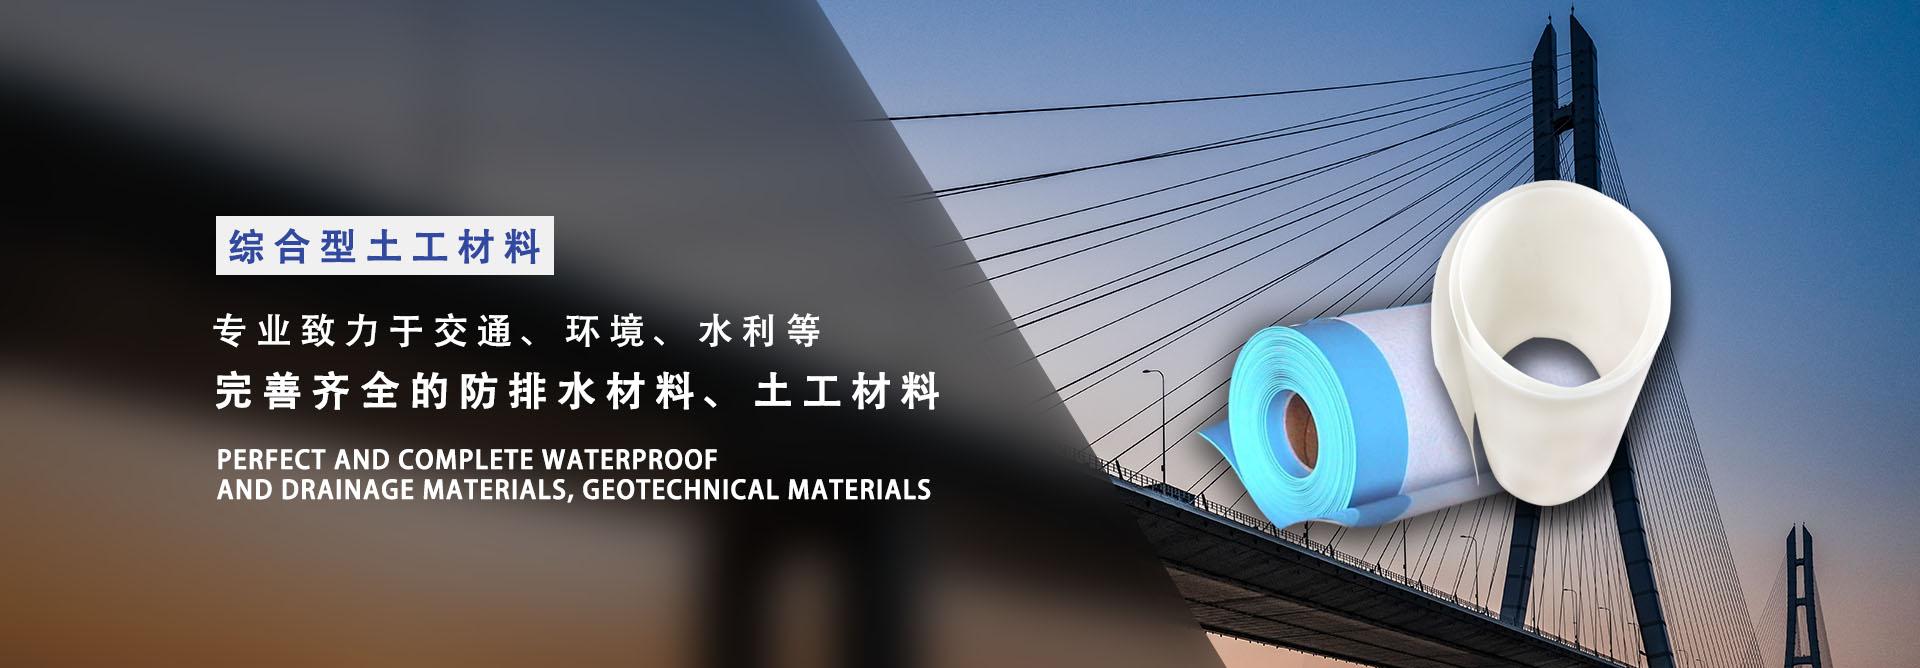 成都蜀道易工程材料生产钢塑土工格栅、塑料土工格栅并提供玻纤土工格栅等一系列产品。